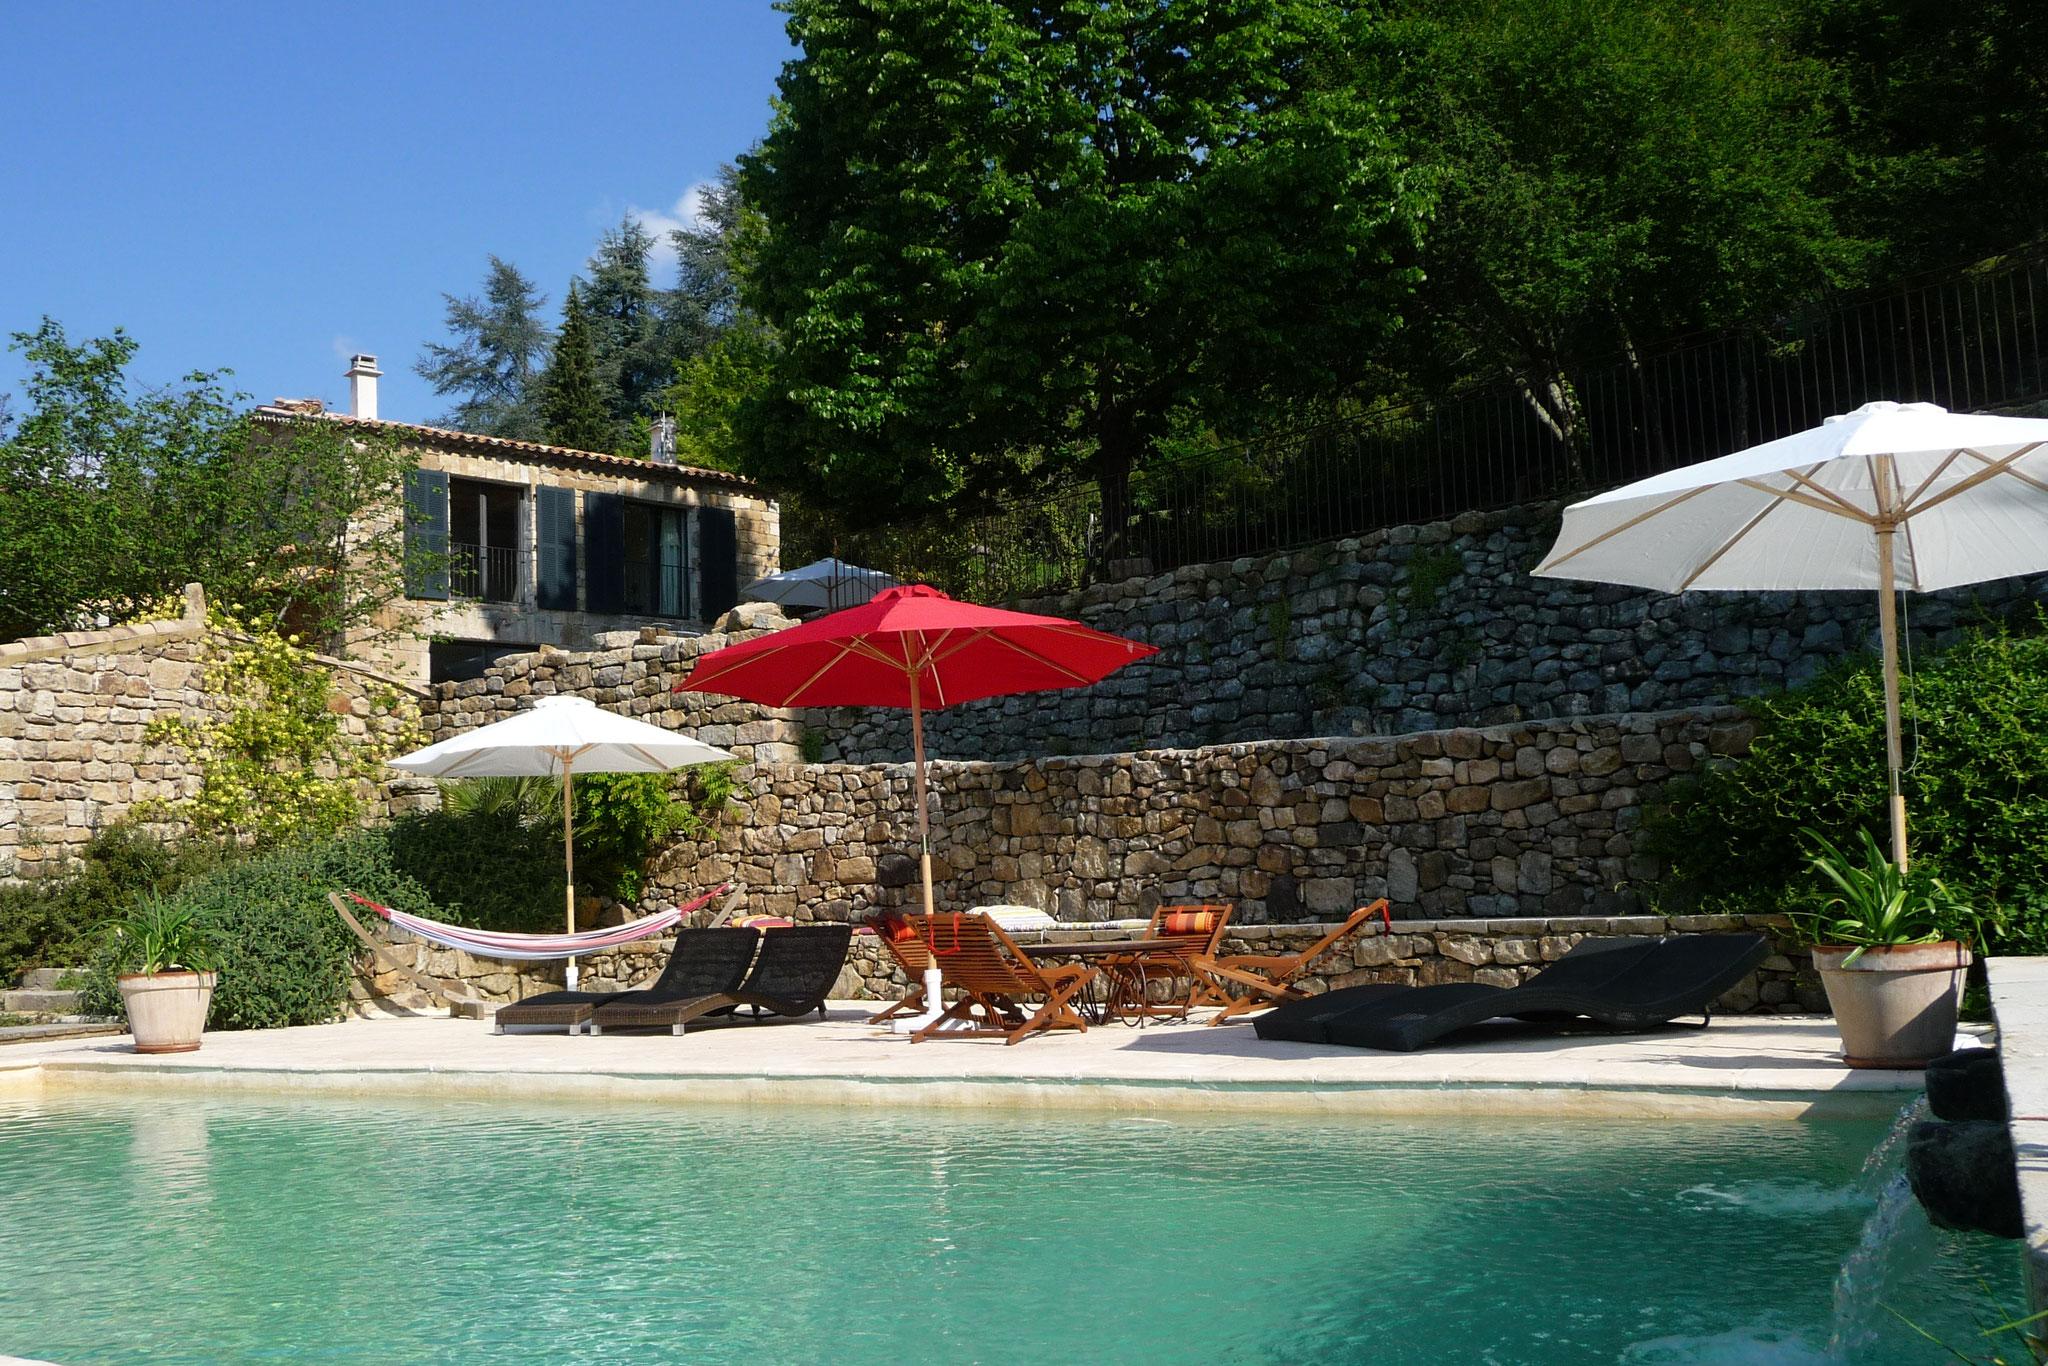 Piscine et maison de charme - Domaine du Fayet - Ardèche sud